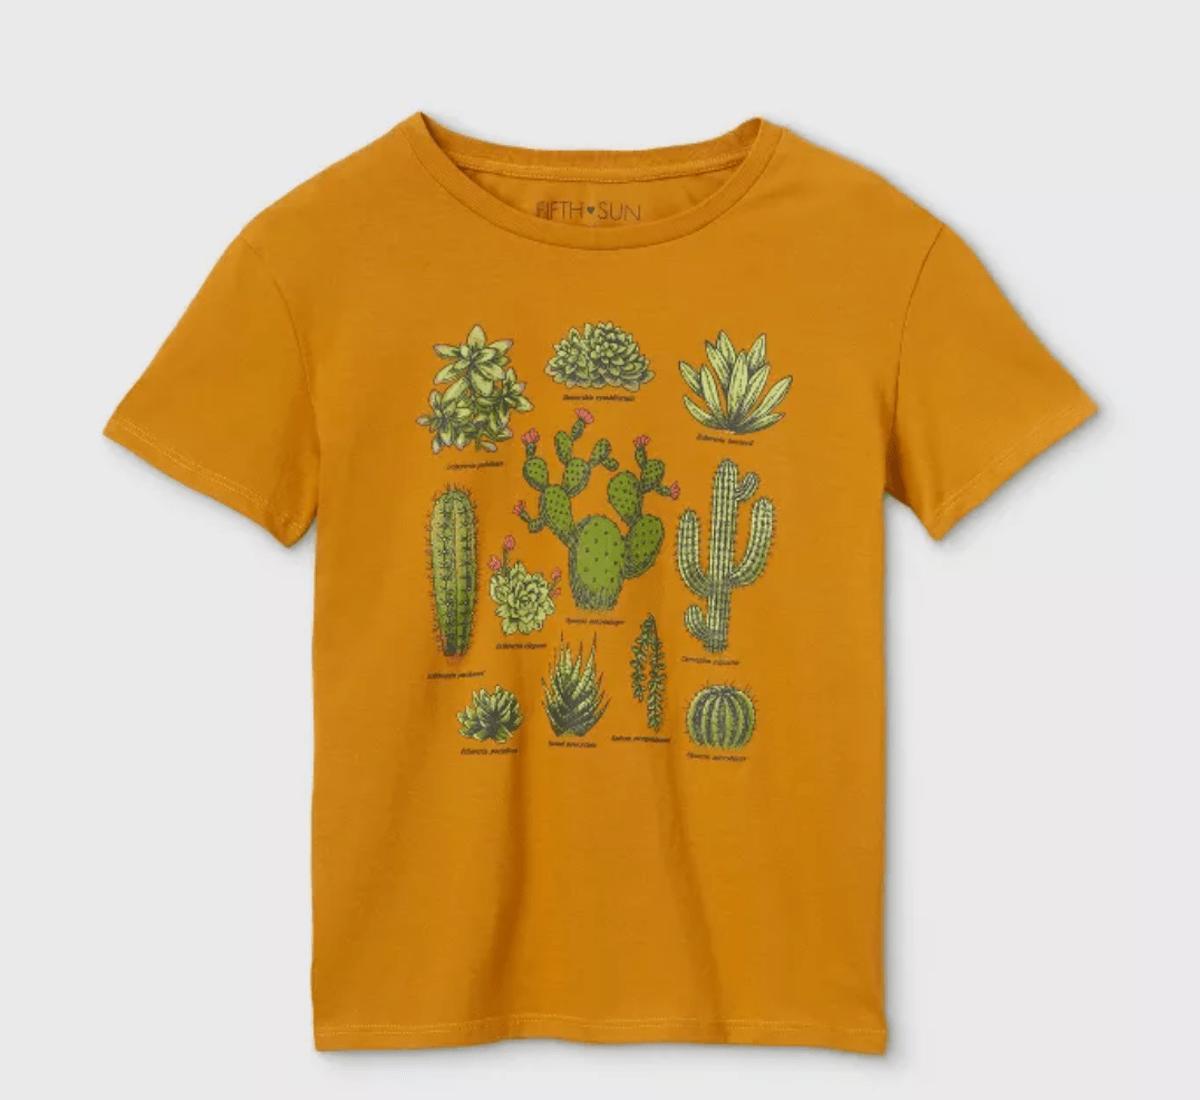 Gold cactus shirt